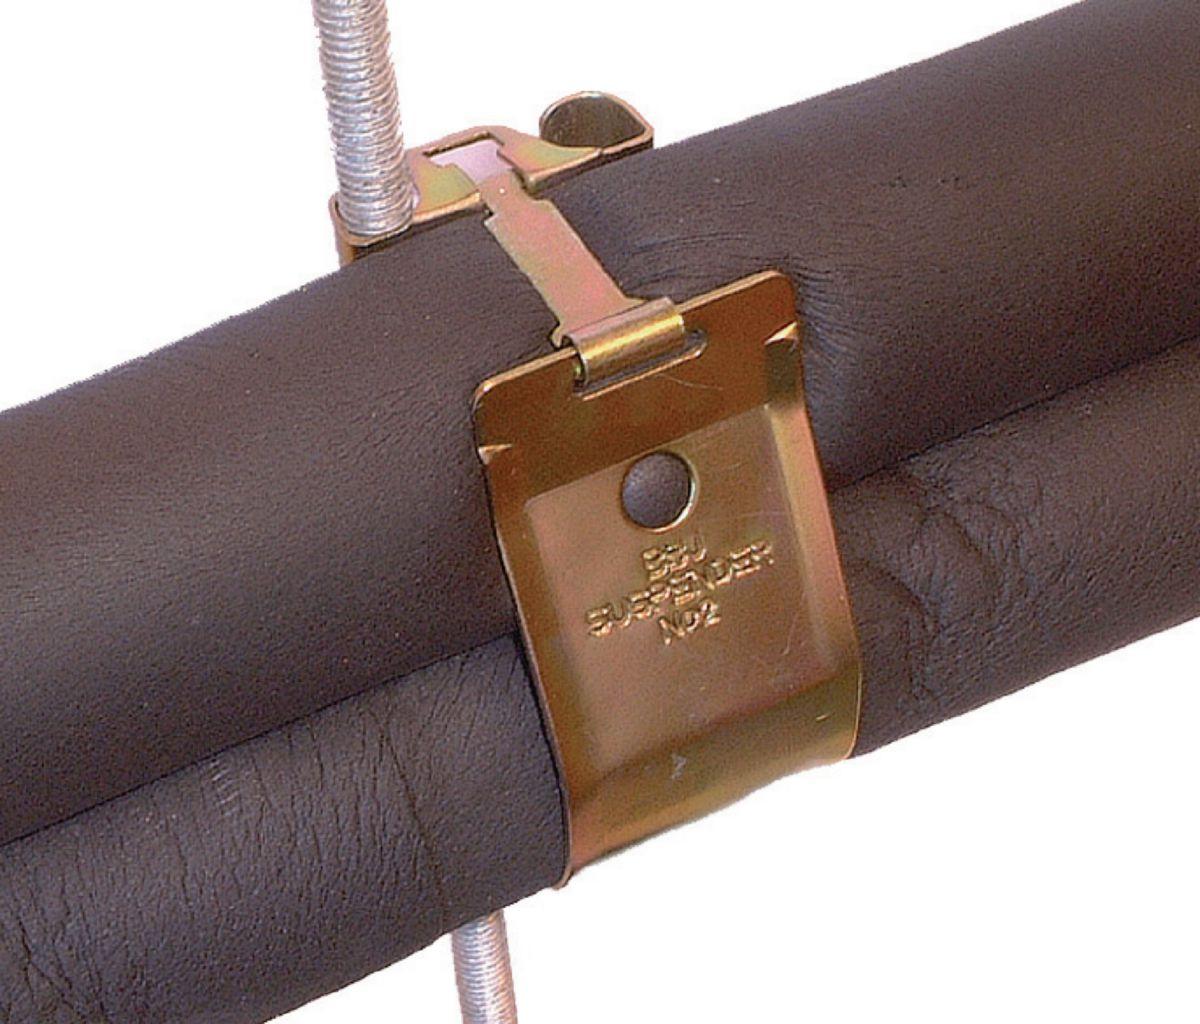 Fixation sur tige filetée diamètre 15 x 21 - 24 x 31 BBJ3 (10 pièces) AFX270 réf. B6493/10